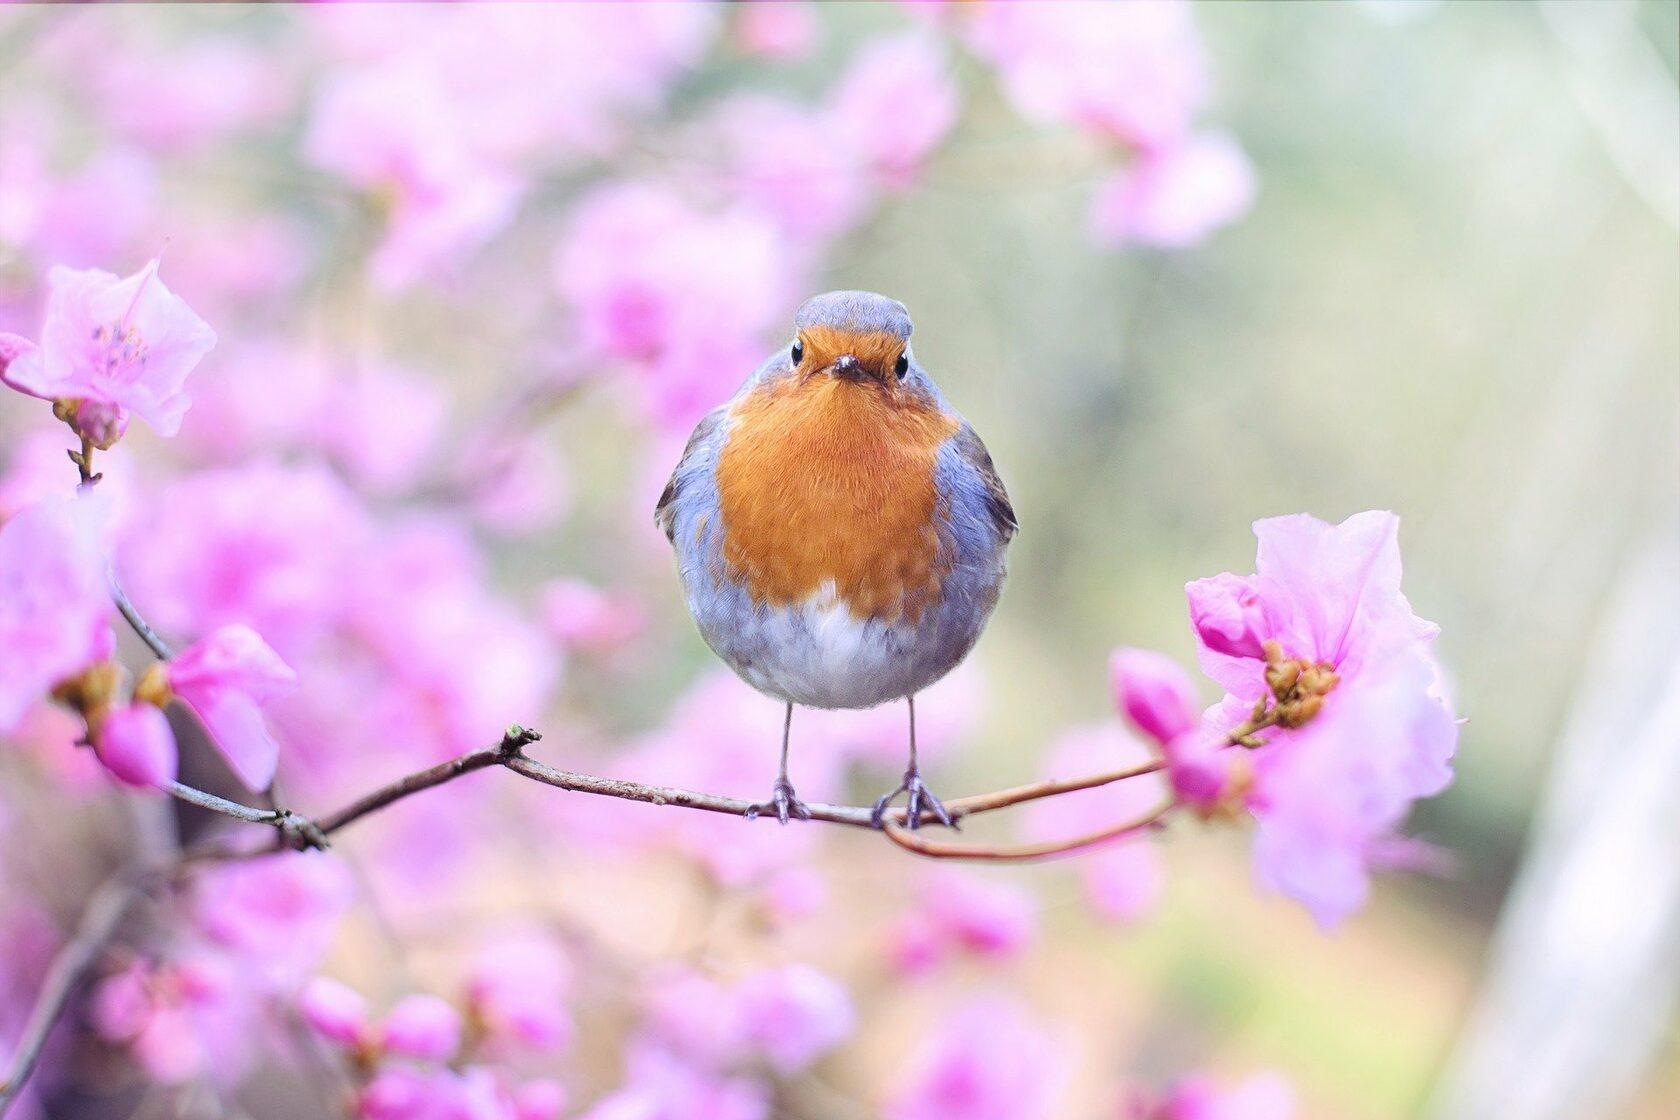 Международный день птиц 2022: какого числа, история и традиции праздника